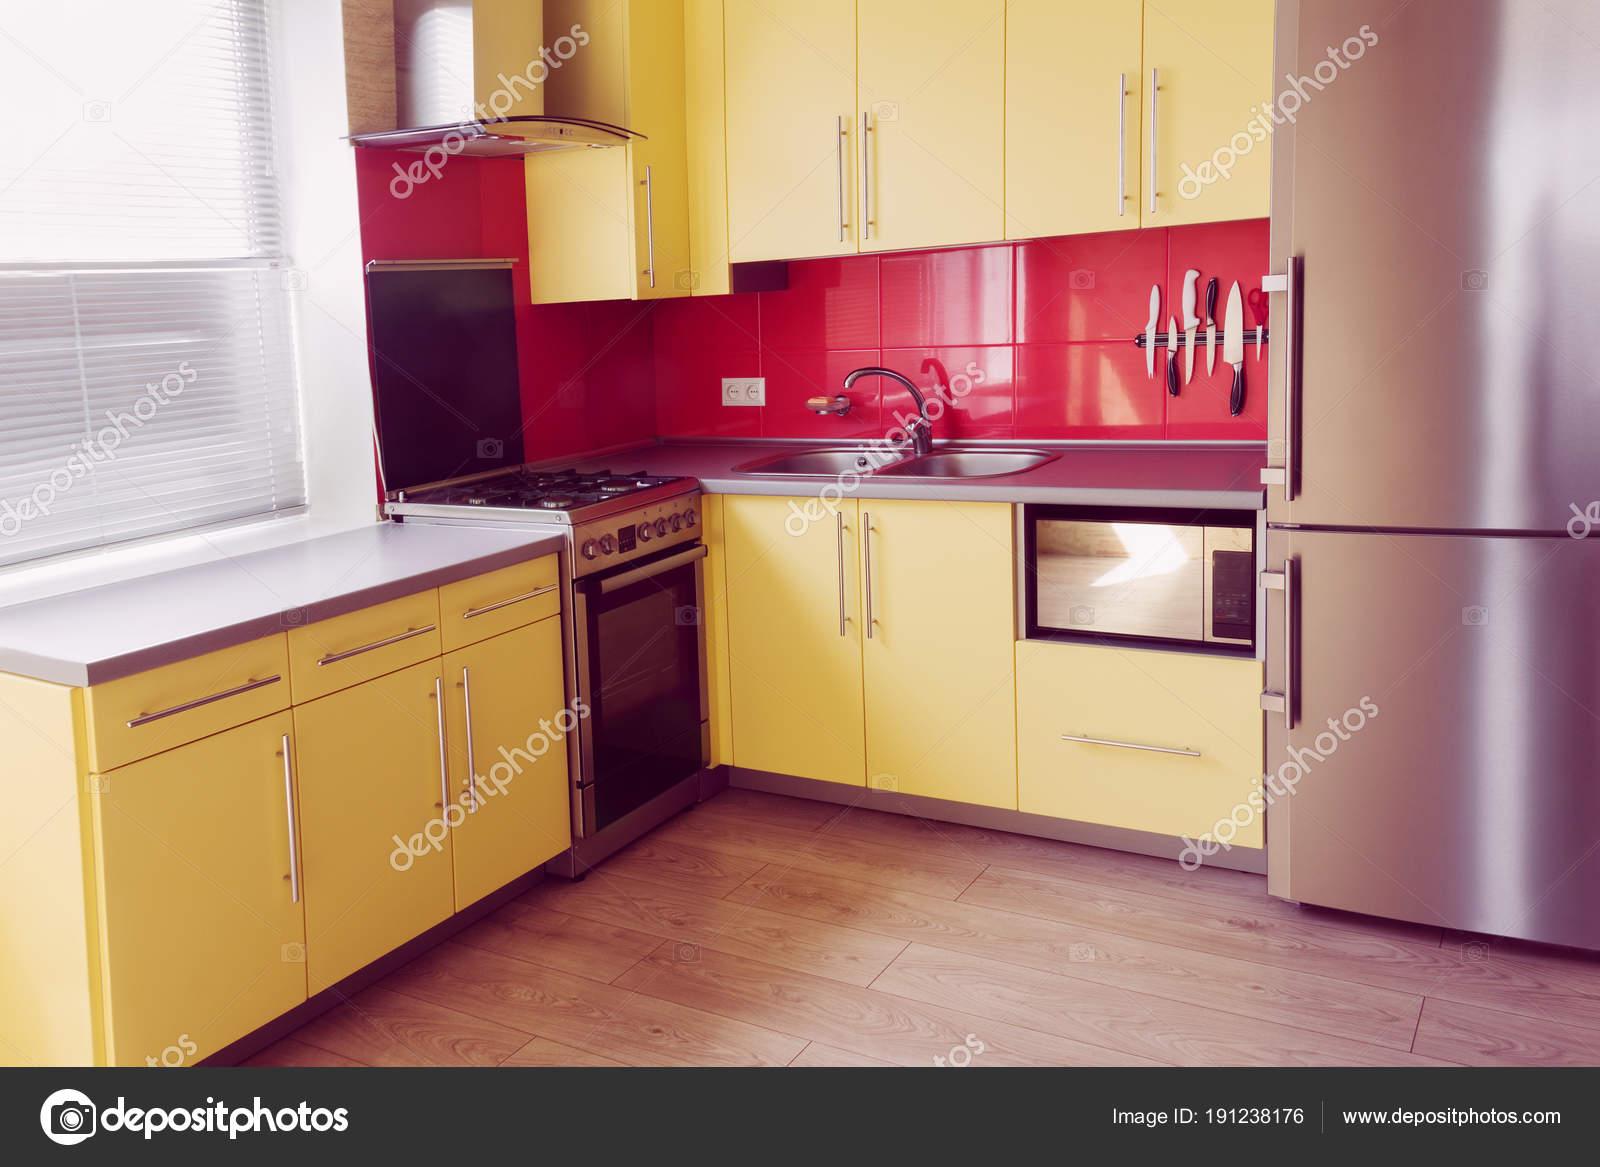 Gelbe Küche | Gelbe Kuche Stockfoto C Angelika 191238176